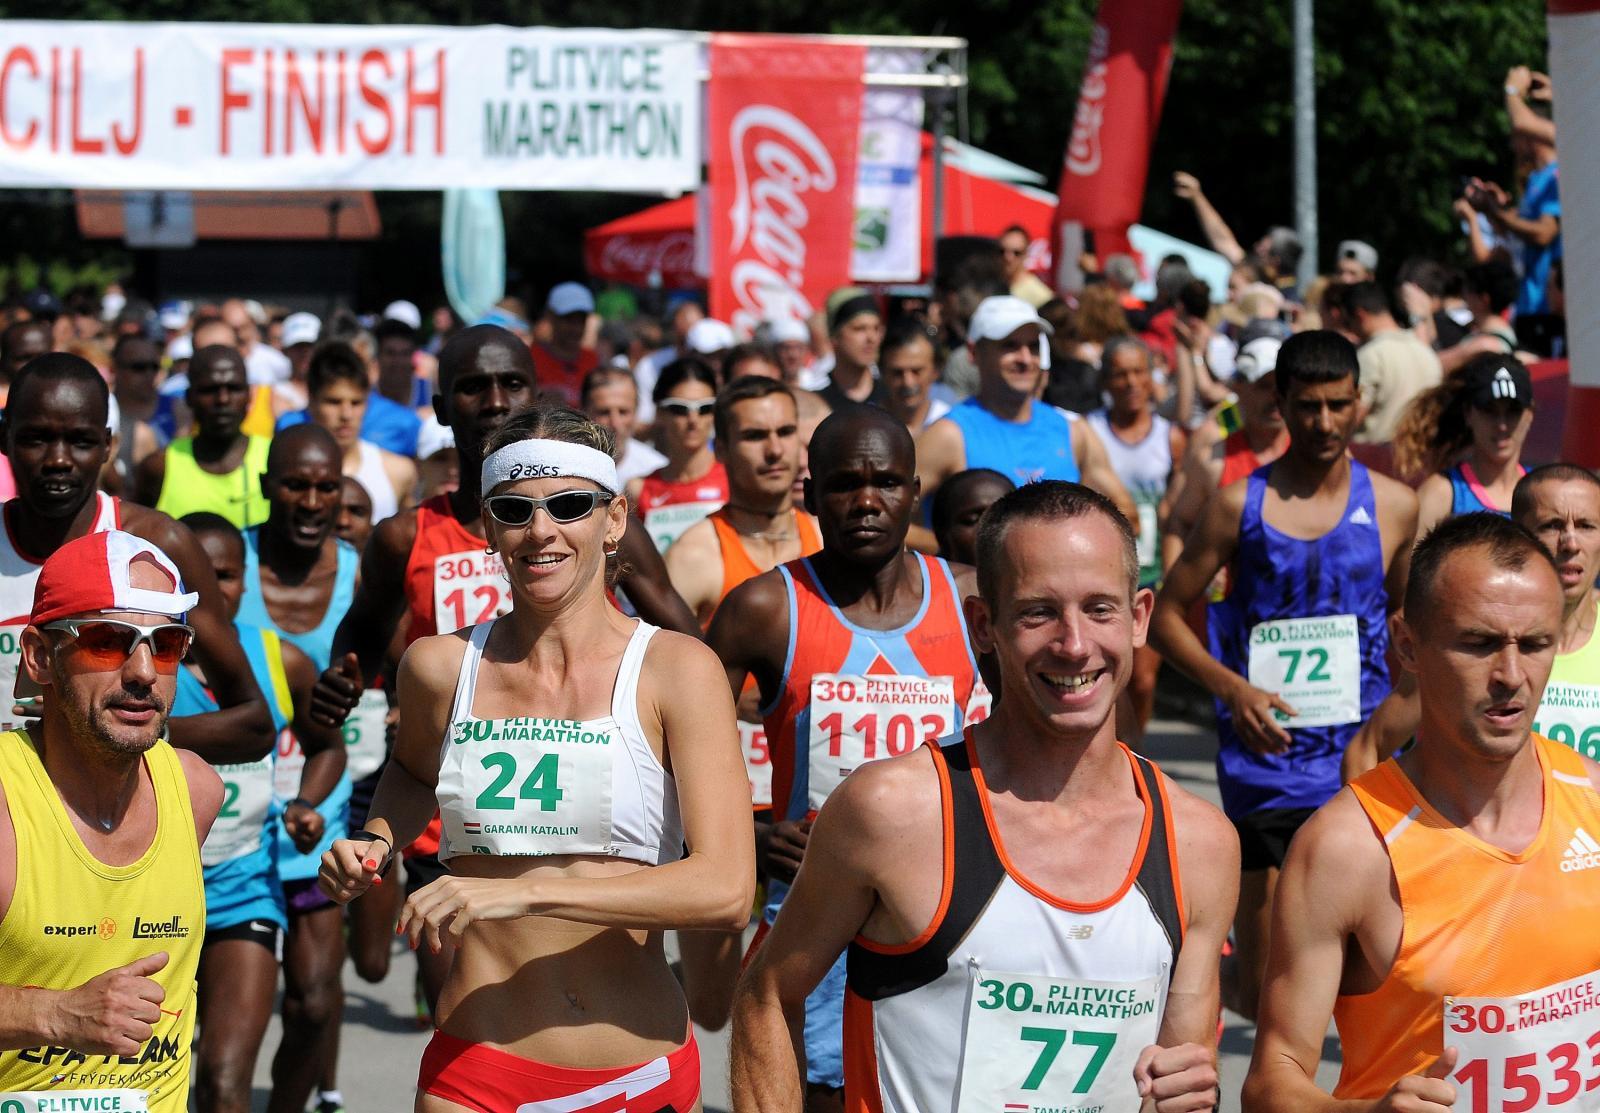 Plitvički maraton doista je poseban, prvo zato što je atraktivan kao rijetko koji drugi, a drugo zato što je među starijim atletskim utrkama u zemlji.